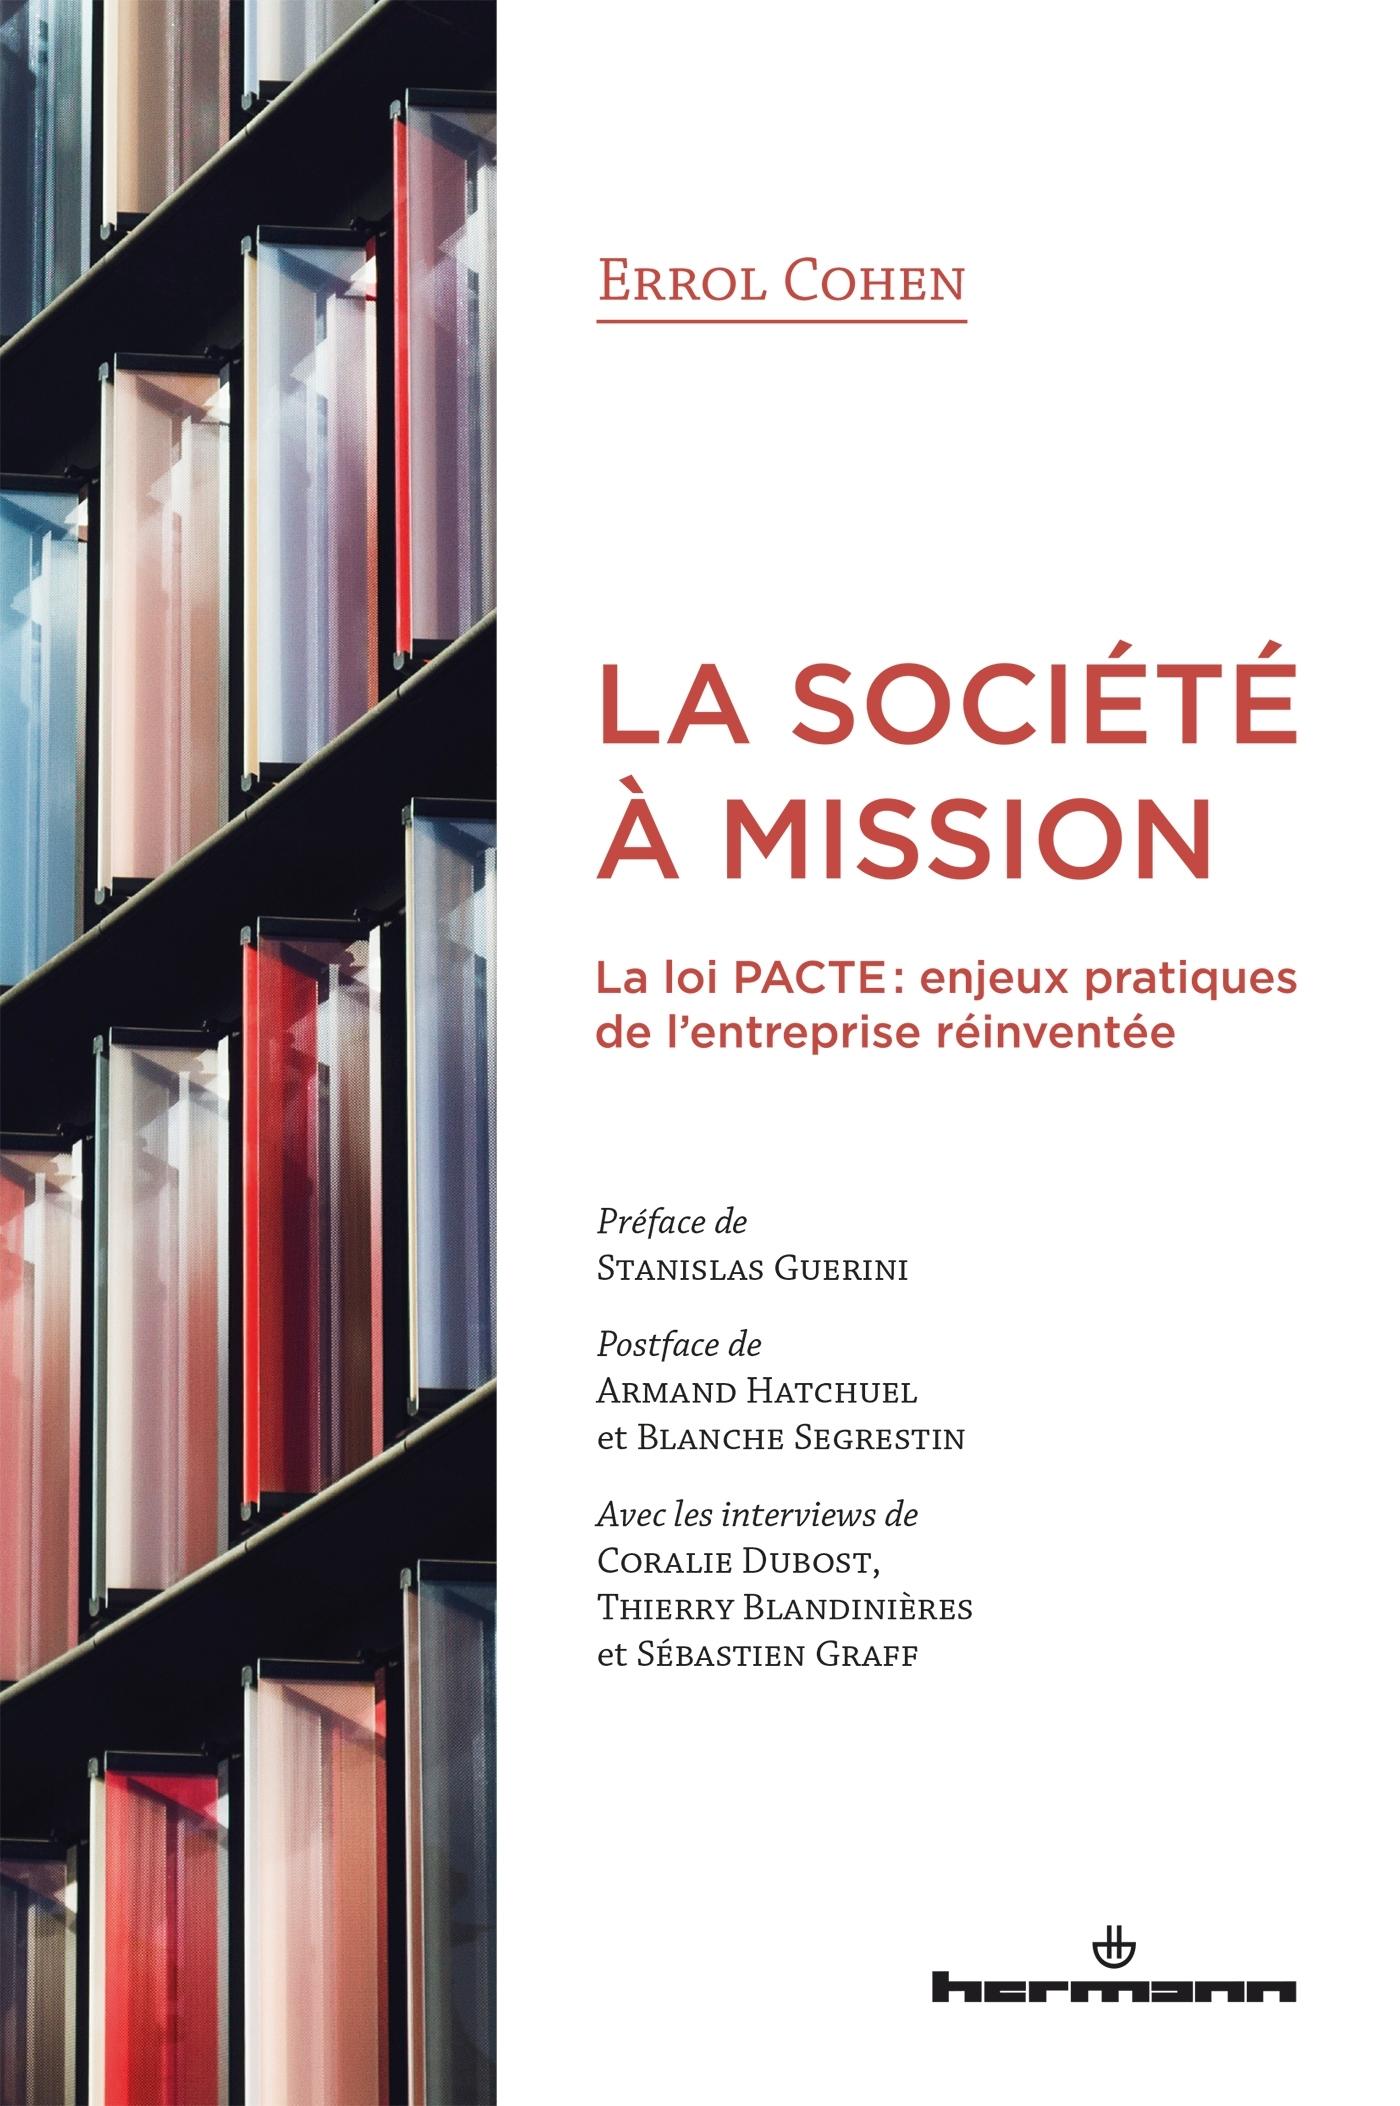 LA SOCIETE A MISSION - LA LOI PACTE : ENJEUX PRATIQUES DE L ENTREPRISE REINVENTEE